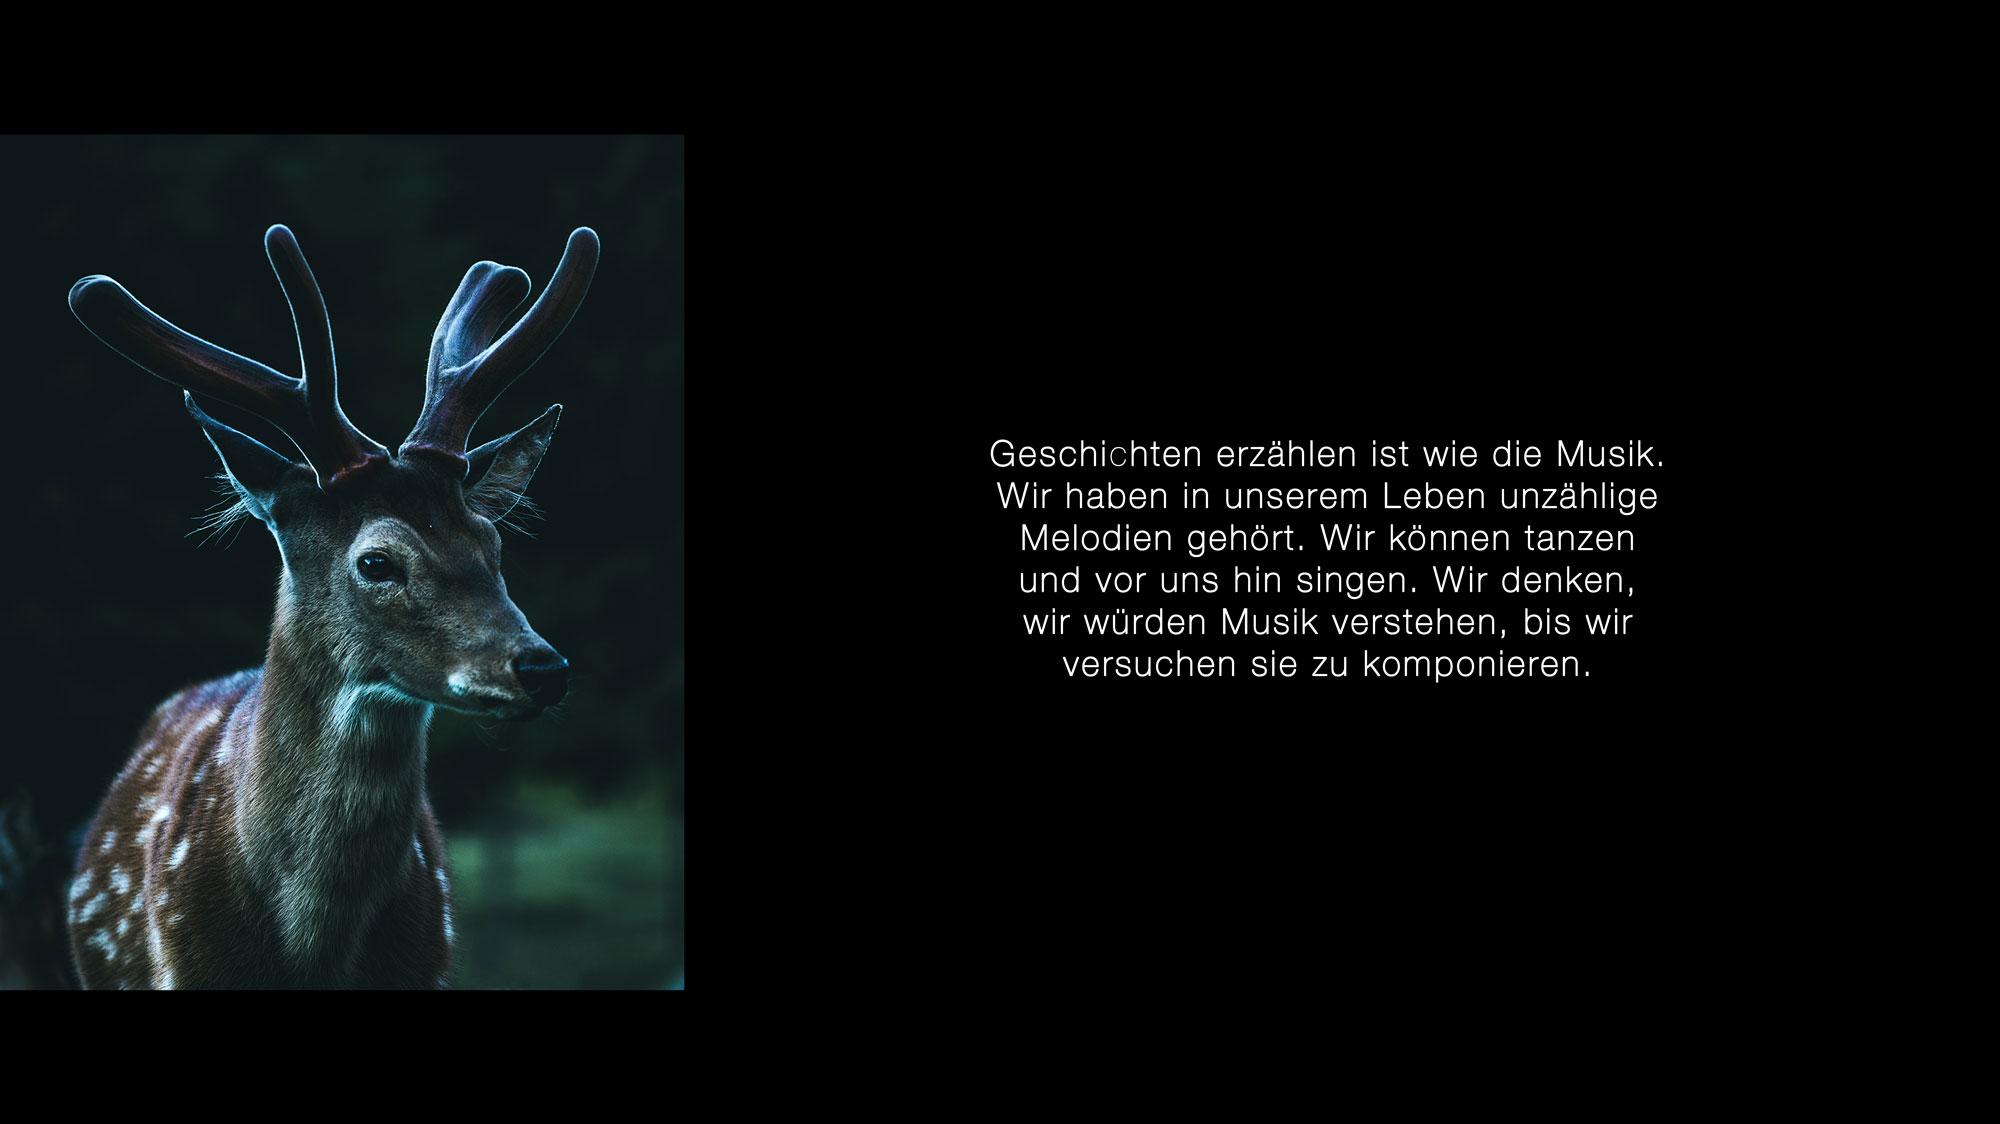 Der Hirsch von Lukas Klima